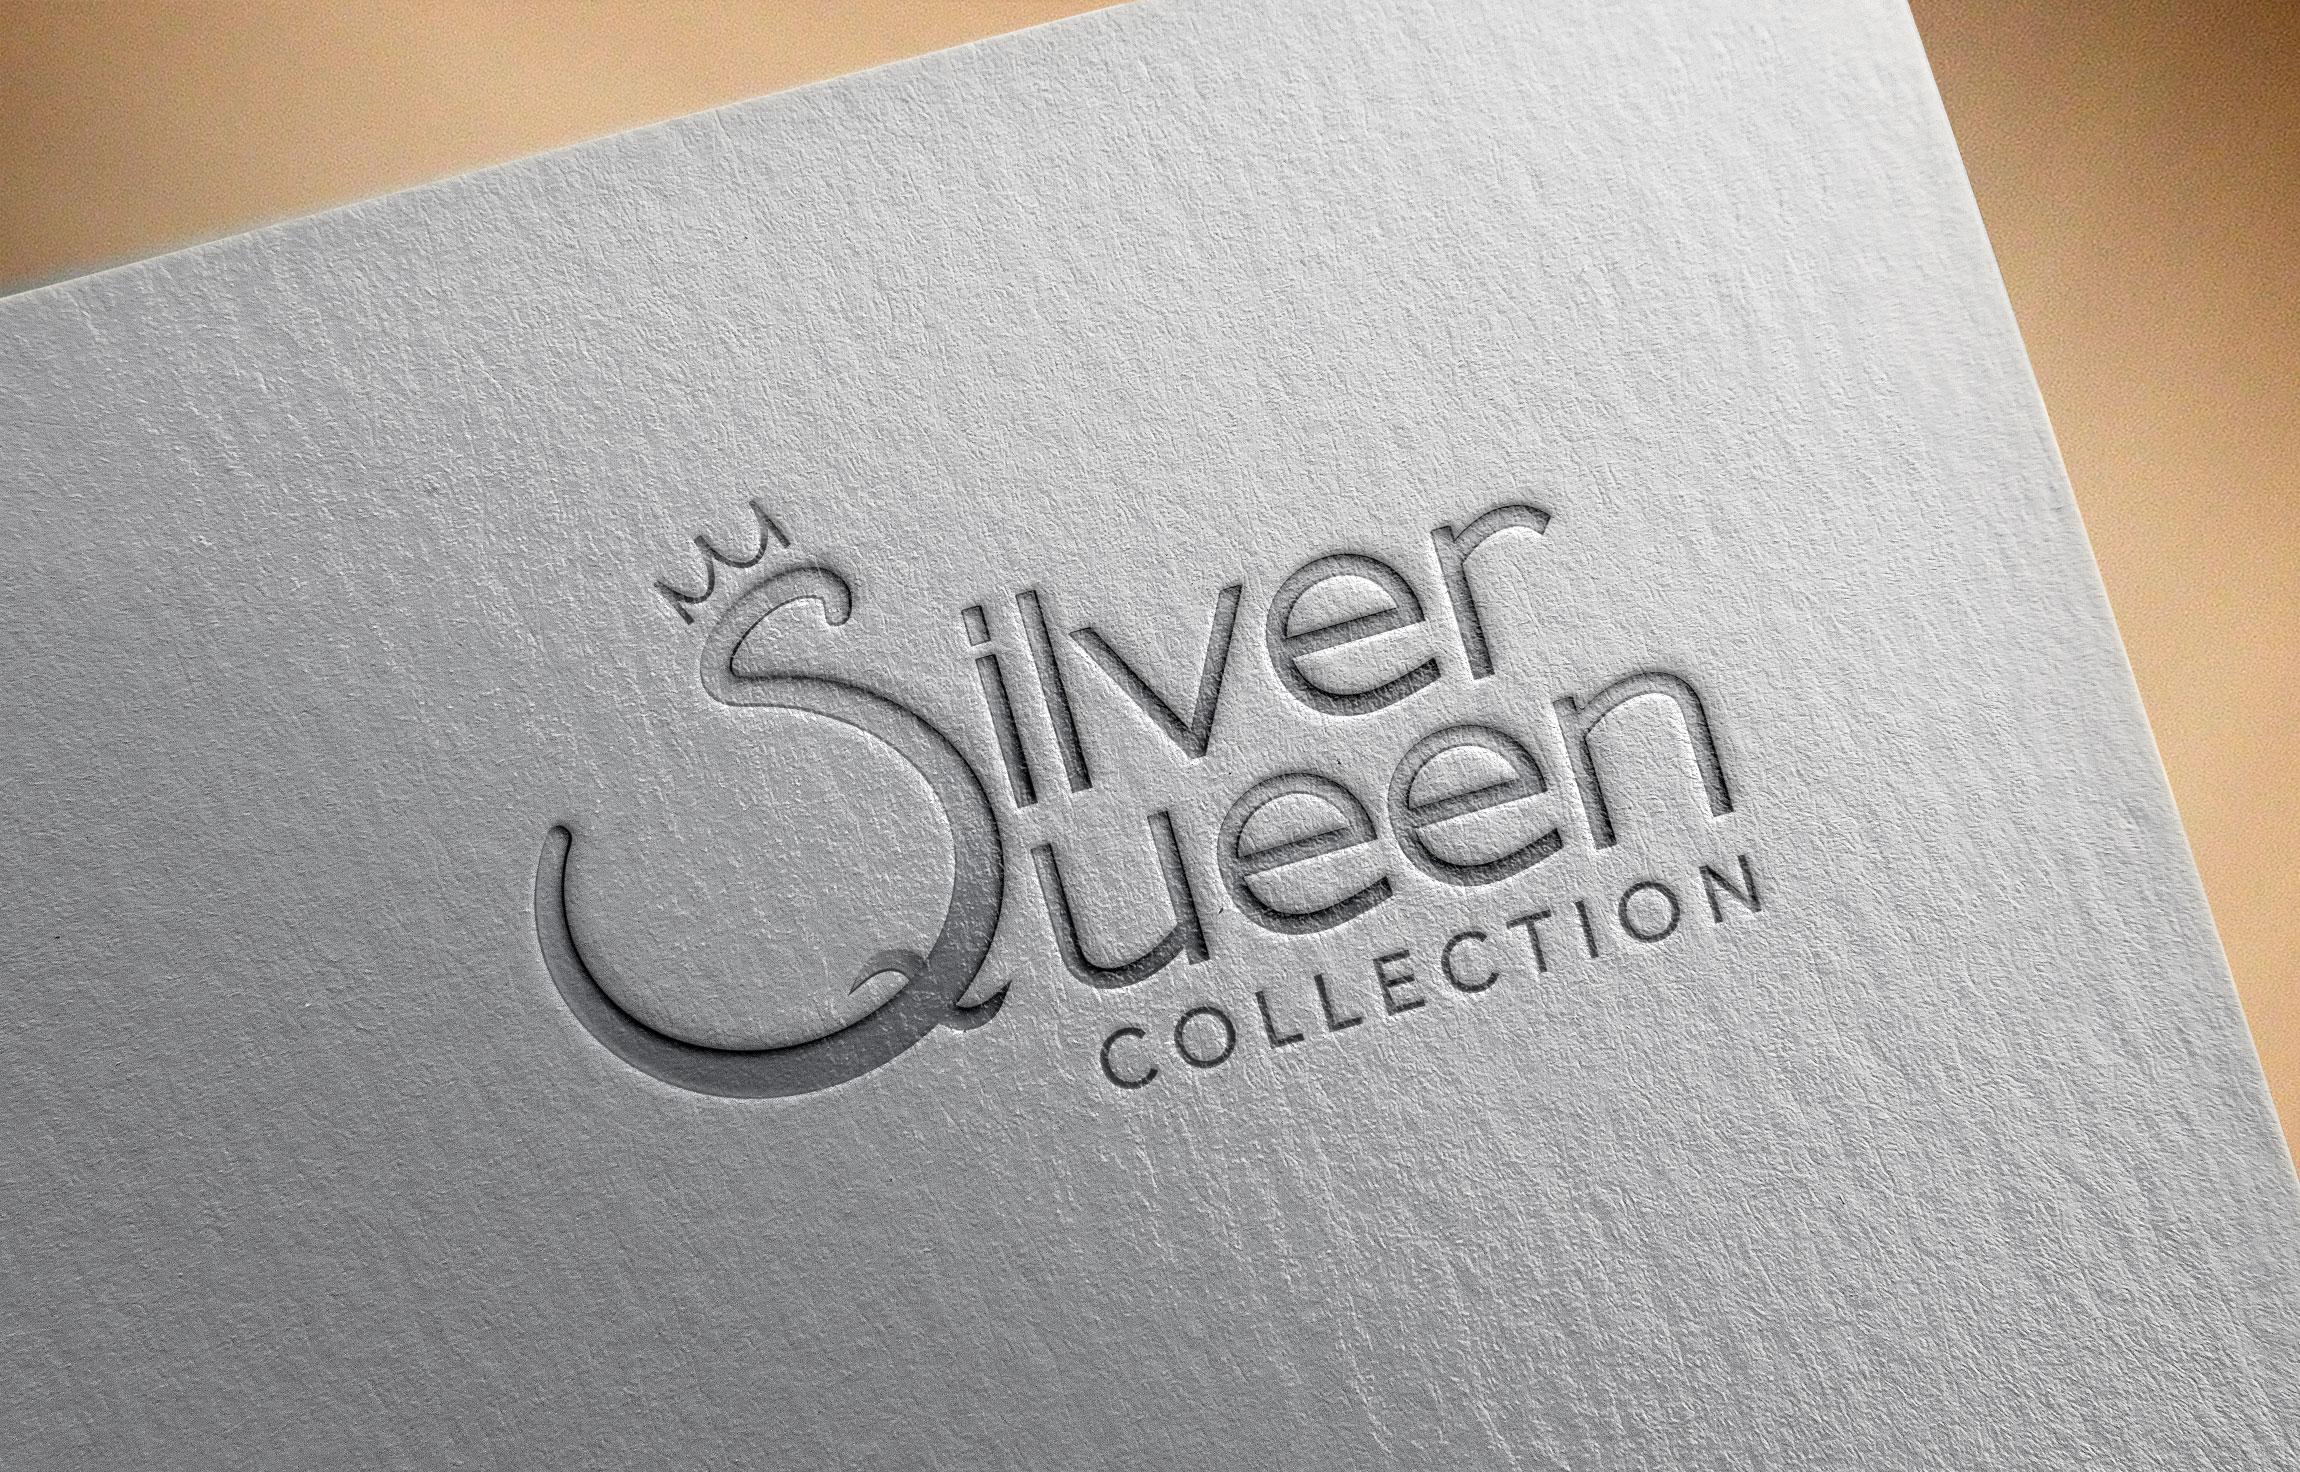 LOGO-Mockup-Silver-Queen